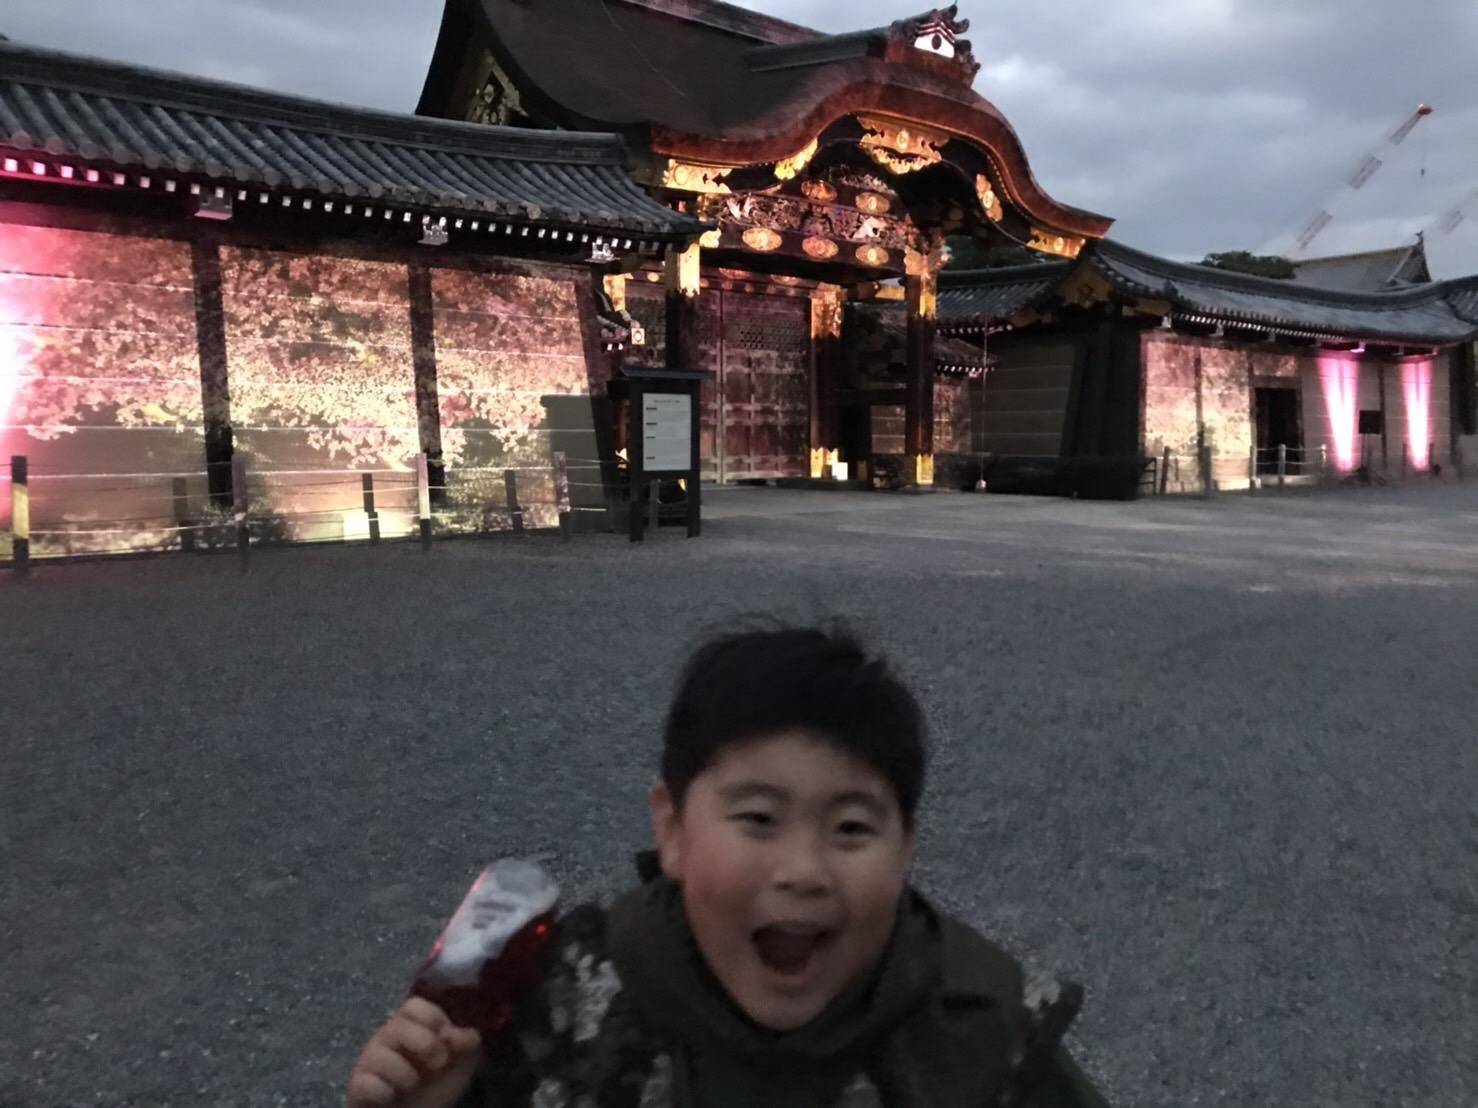 二条城桜まつり2019ライトアップ2019年3月22日11